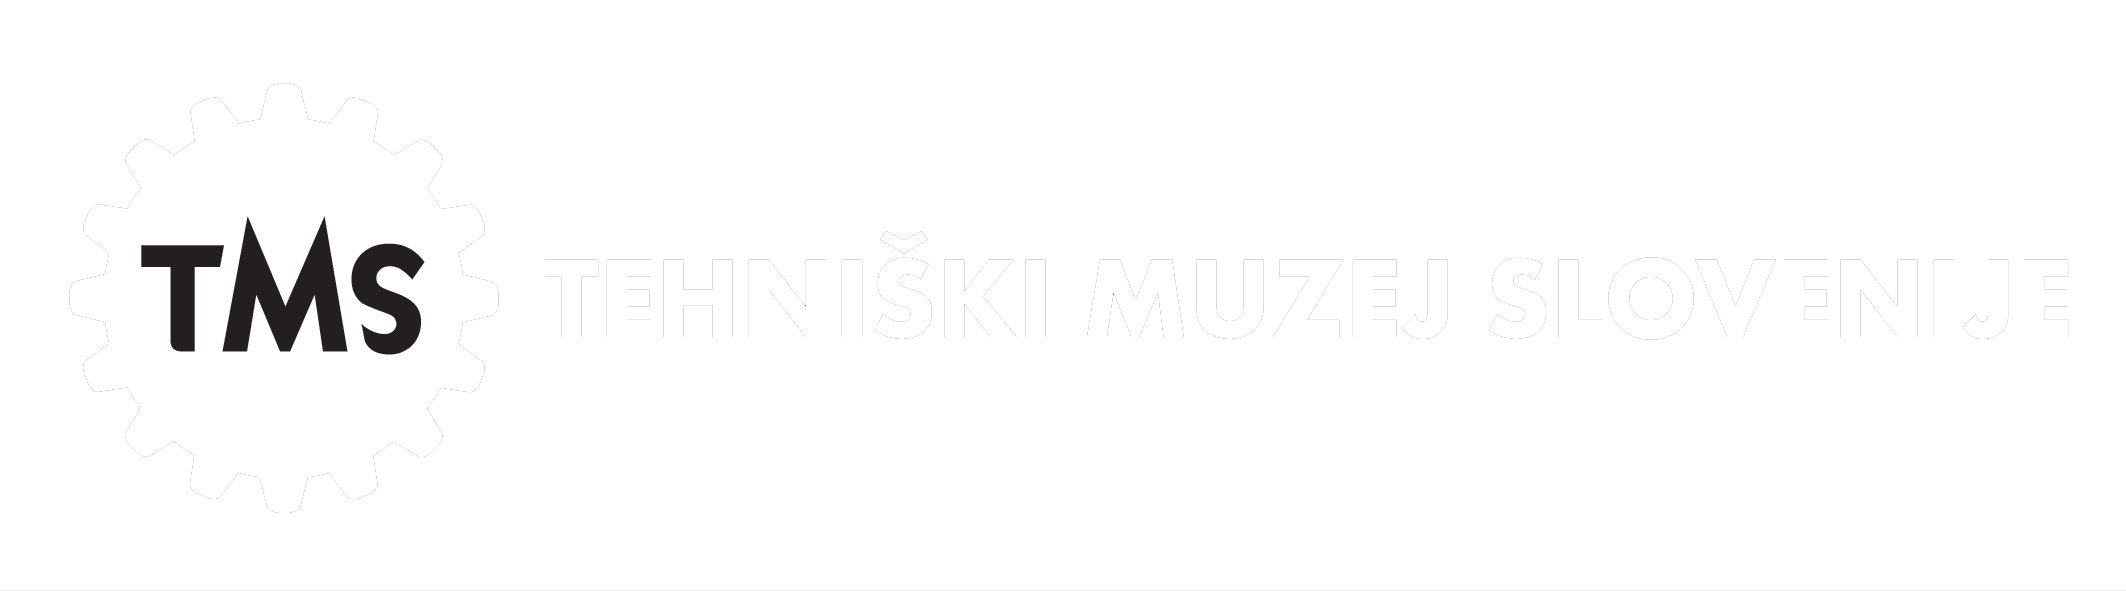 TMS – Tehniški muzej Slovenije Logo